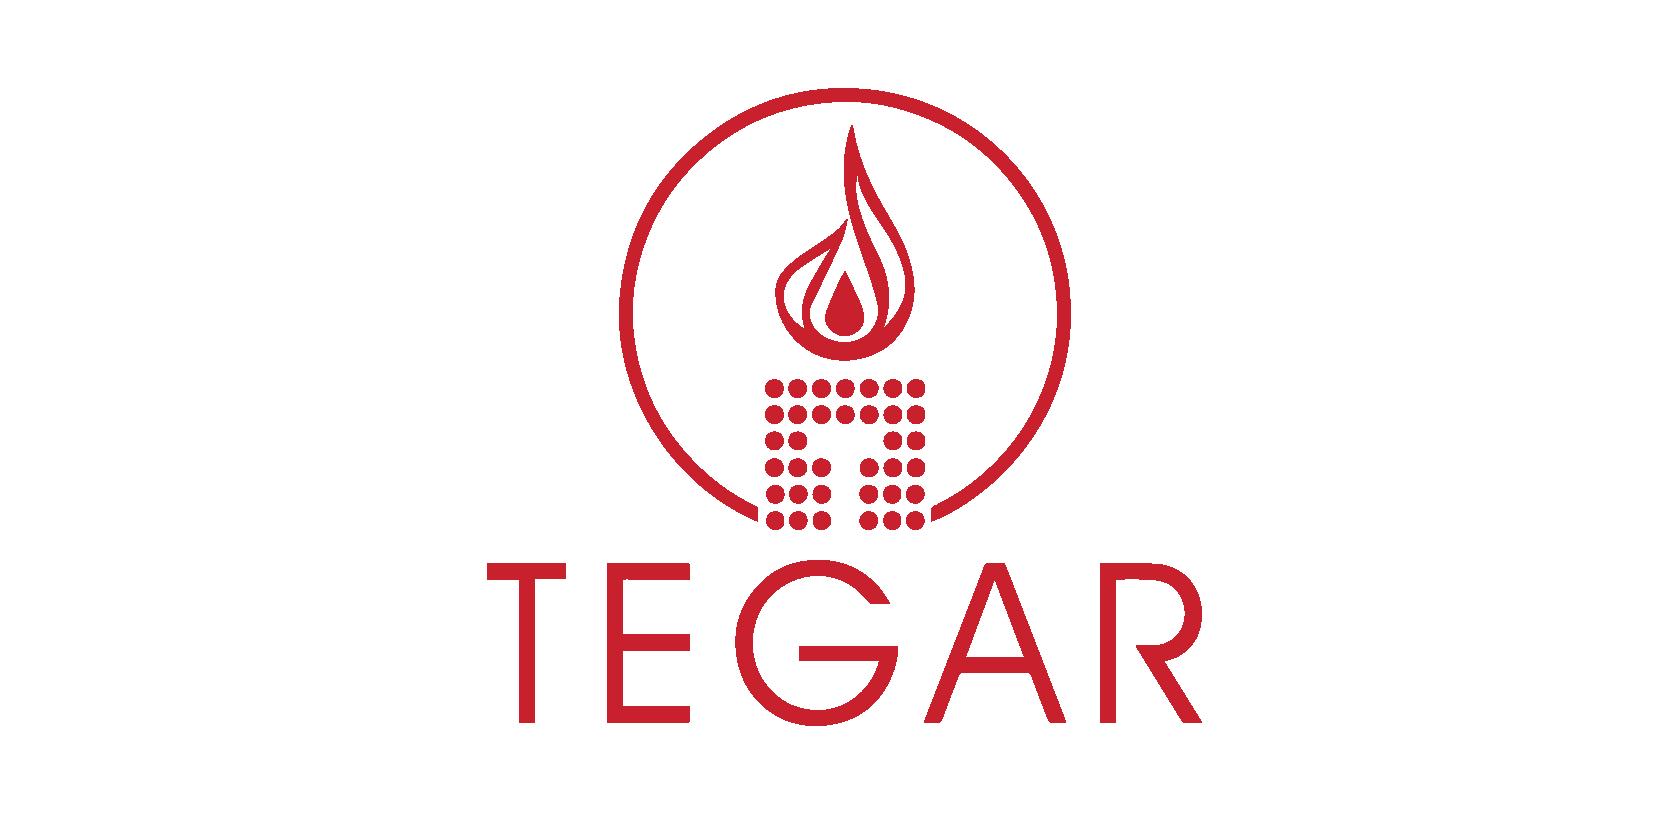 Yayasan Tegar